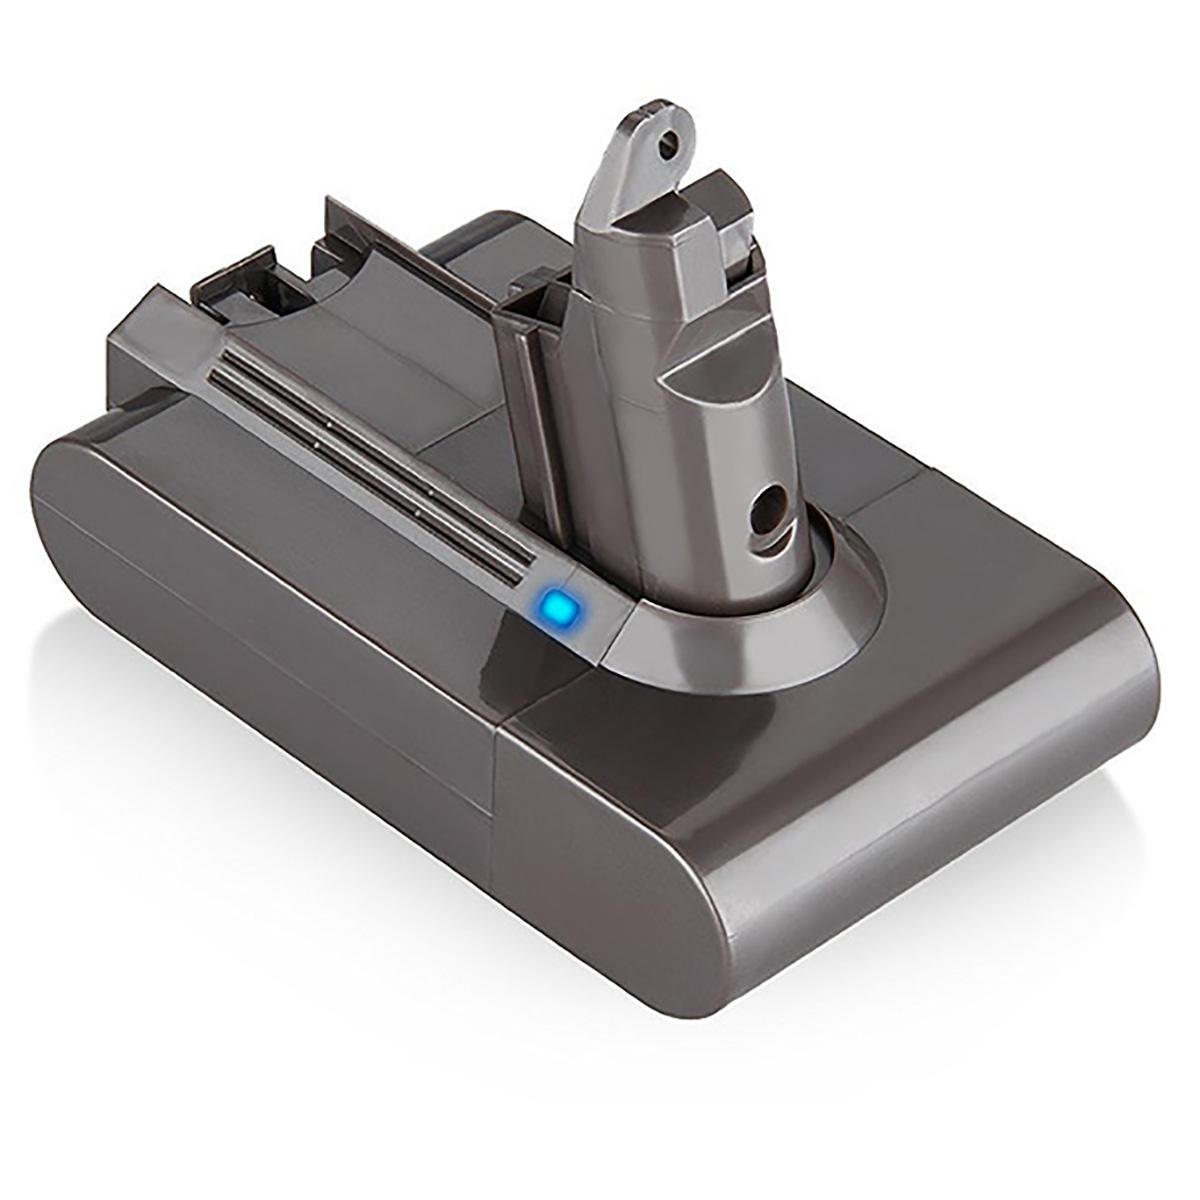 Купить аккумулятор на пылесос dyson сколько стоит фен дайсон в алматы